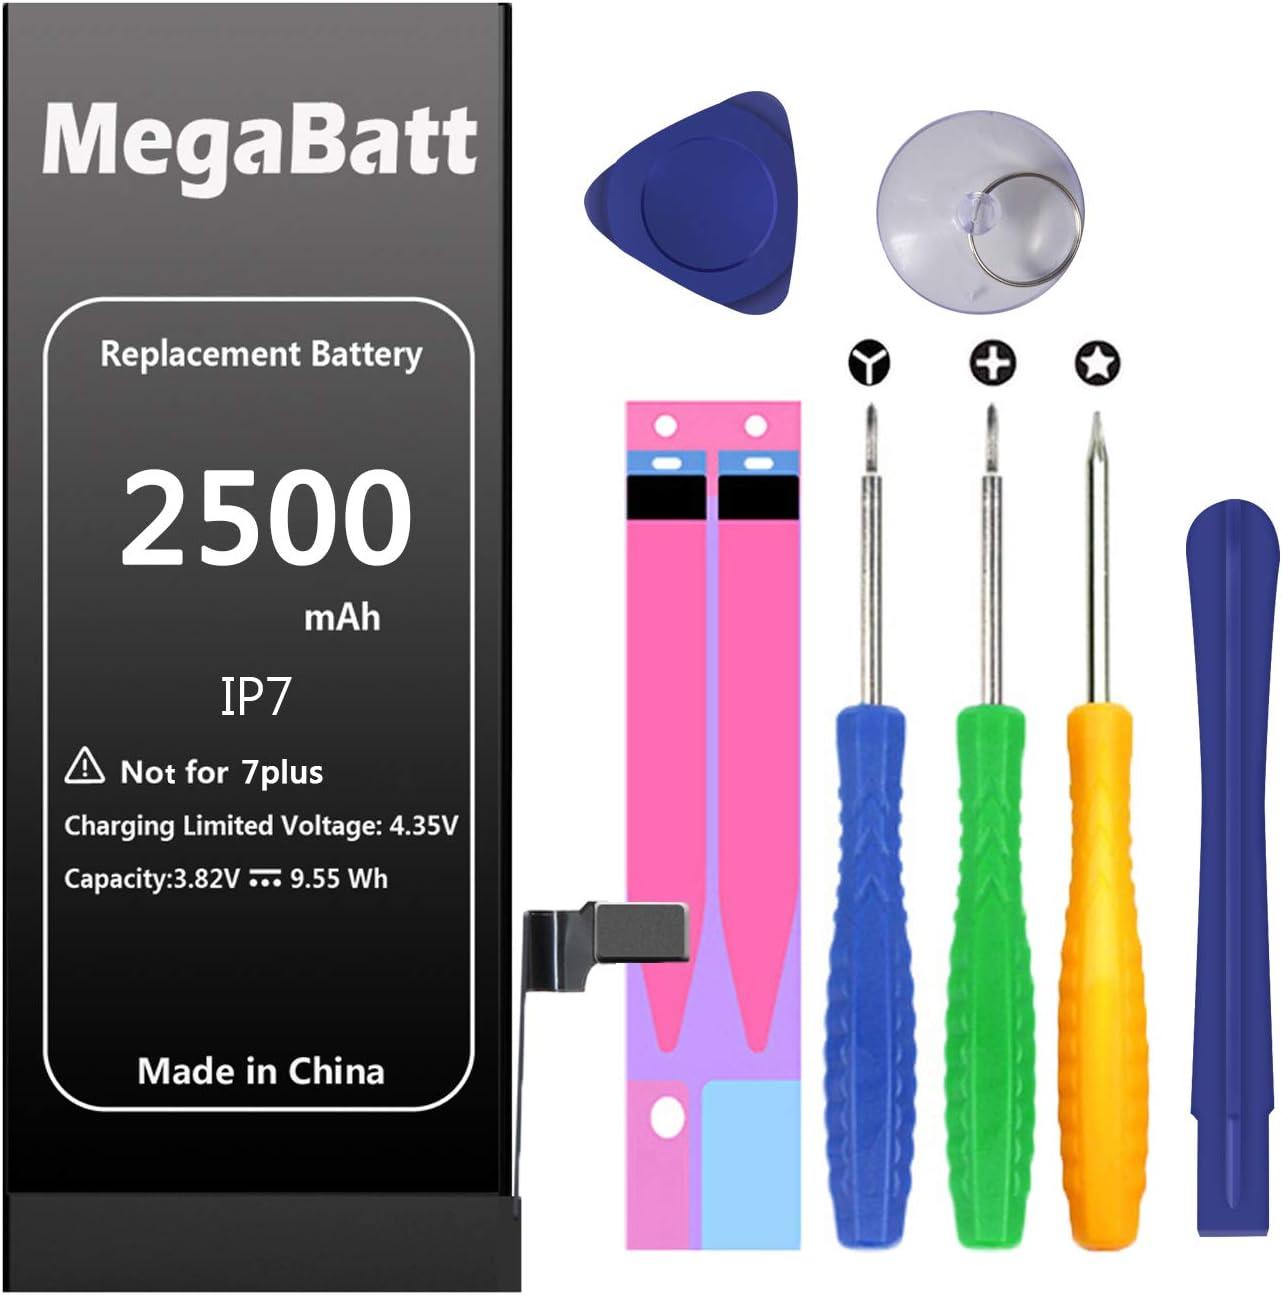 Batería MegaBatt para iPhone 7,capacidad de 2500 mAh(P7NQ)